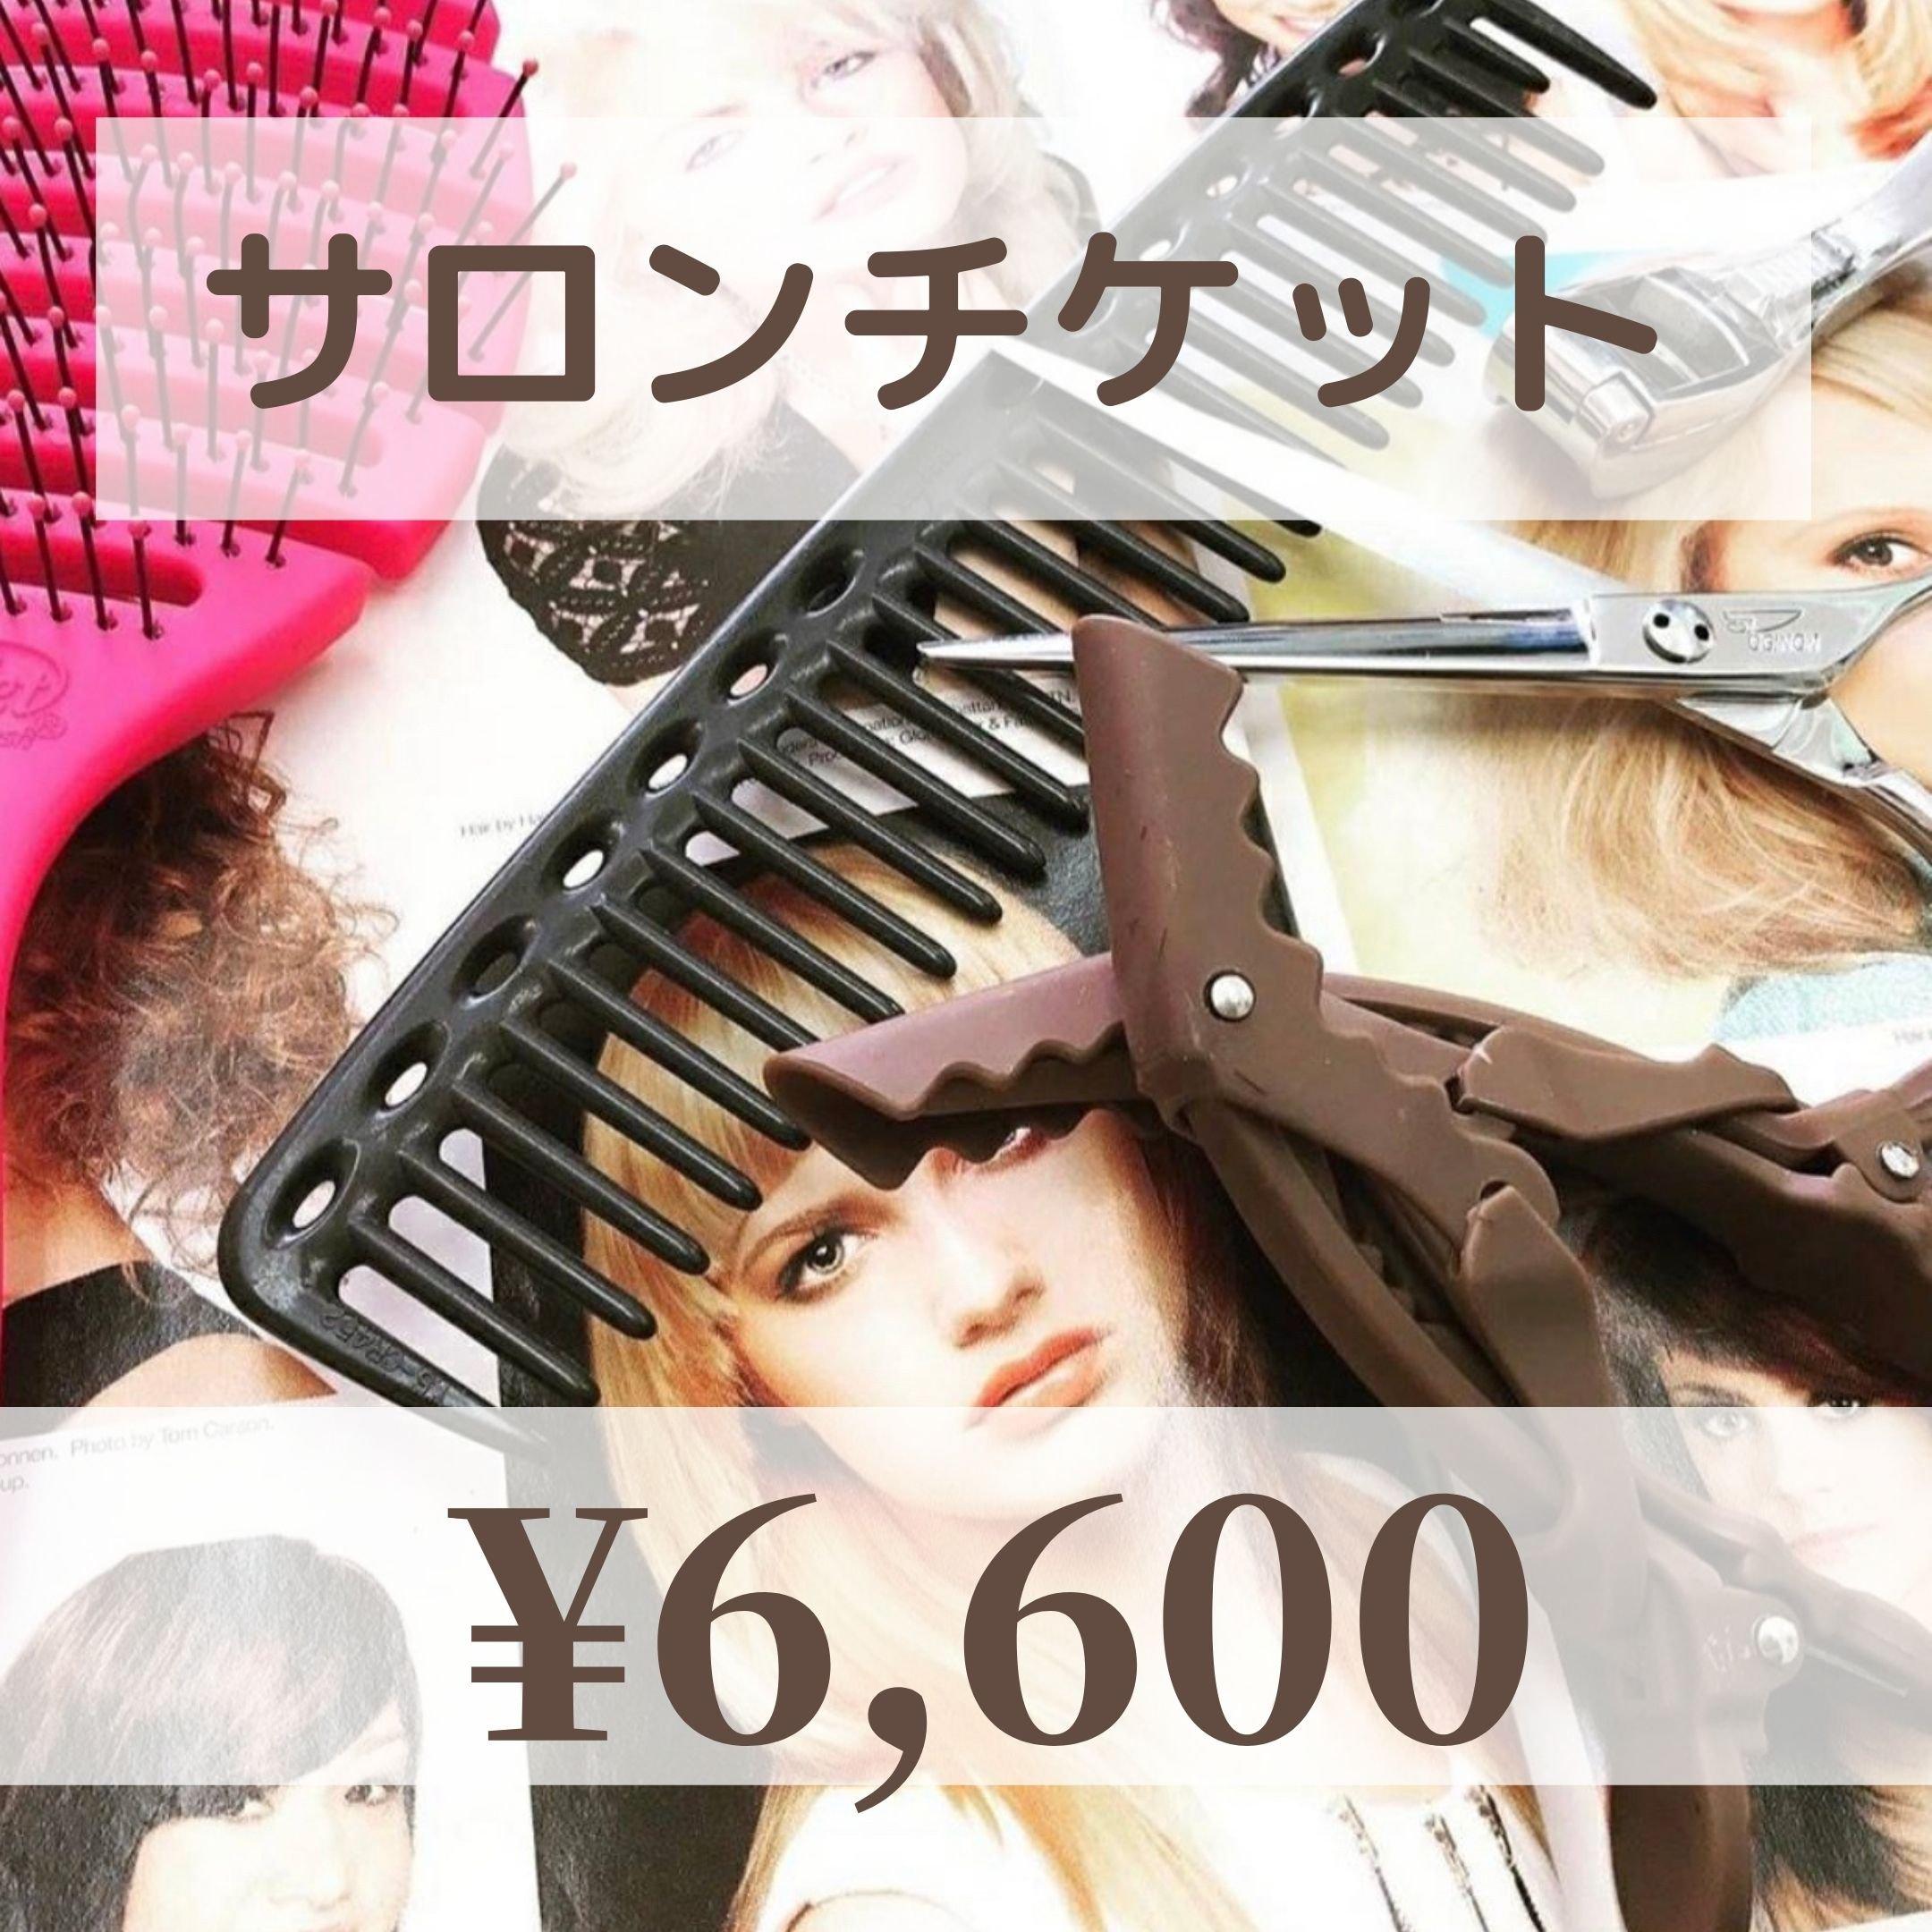 【現地払い専用】サロンチケット¥6600のイメージその1